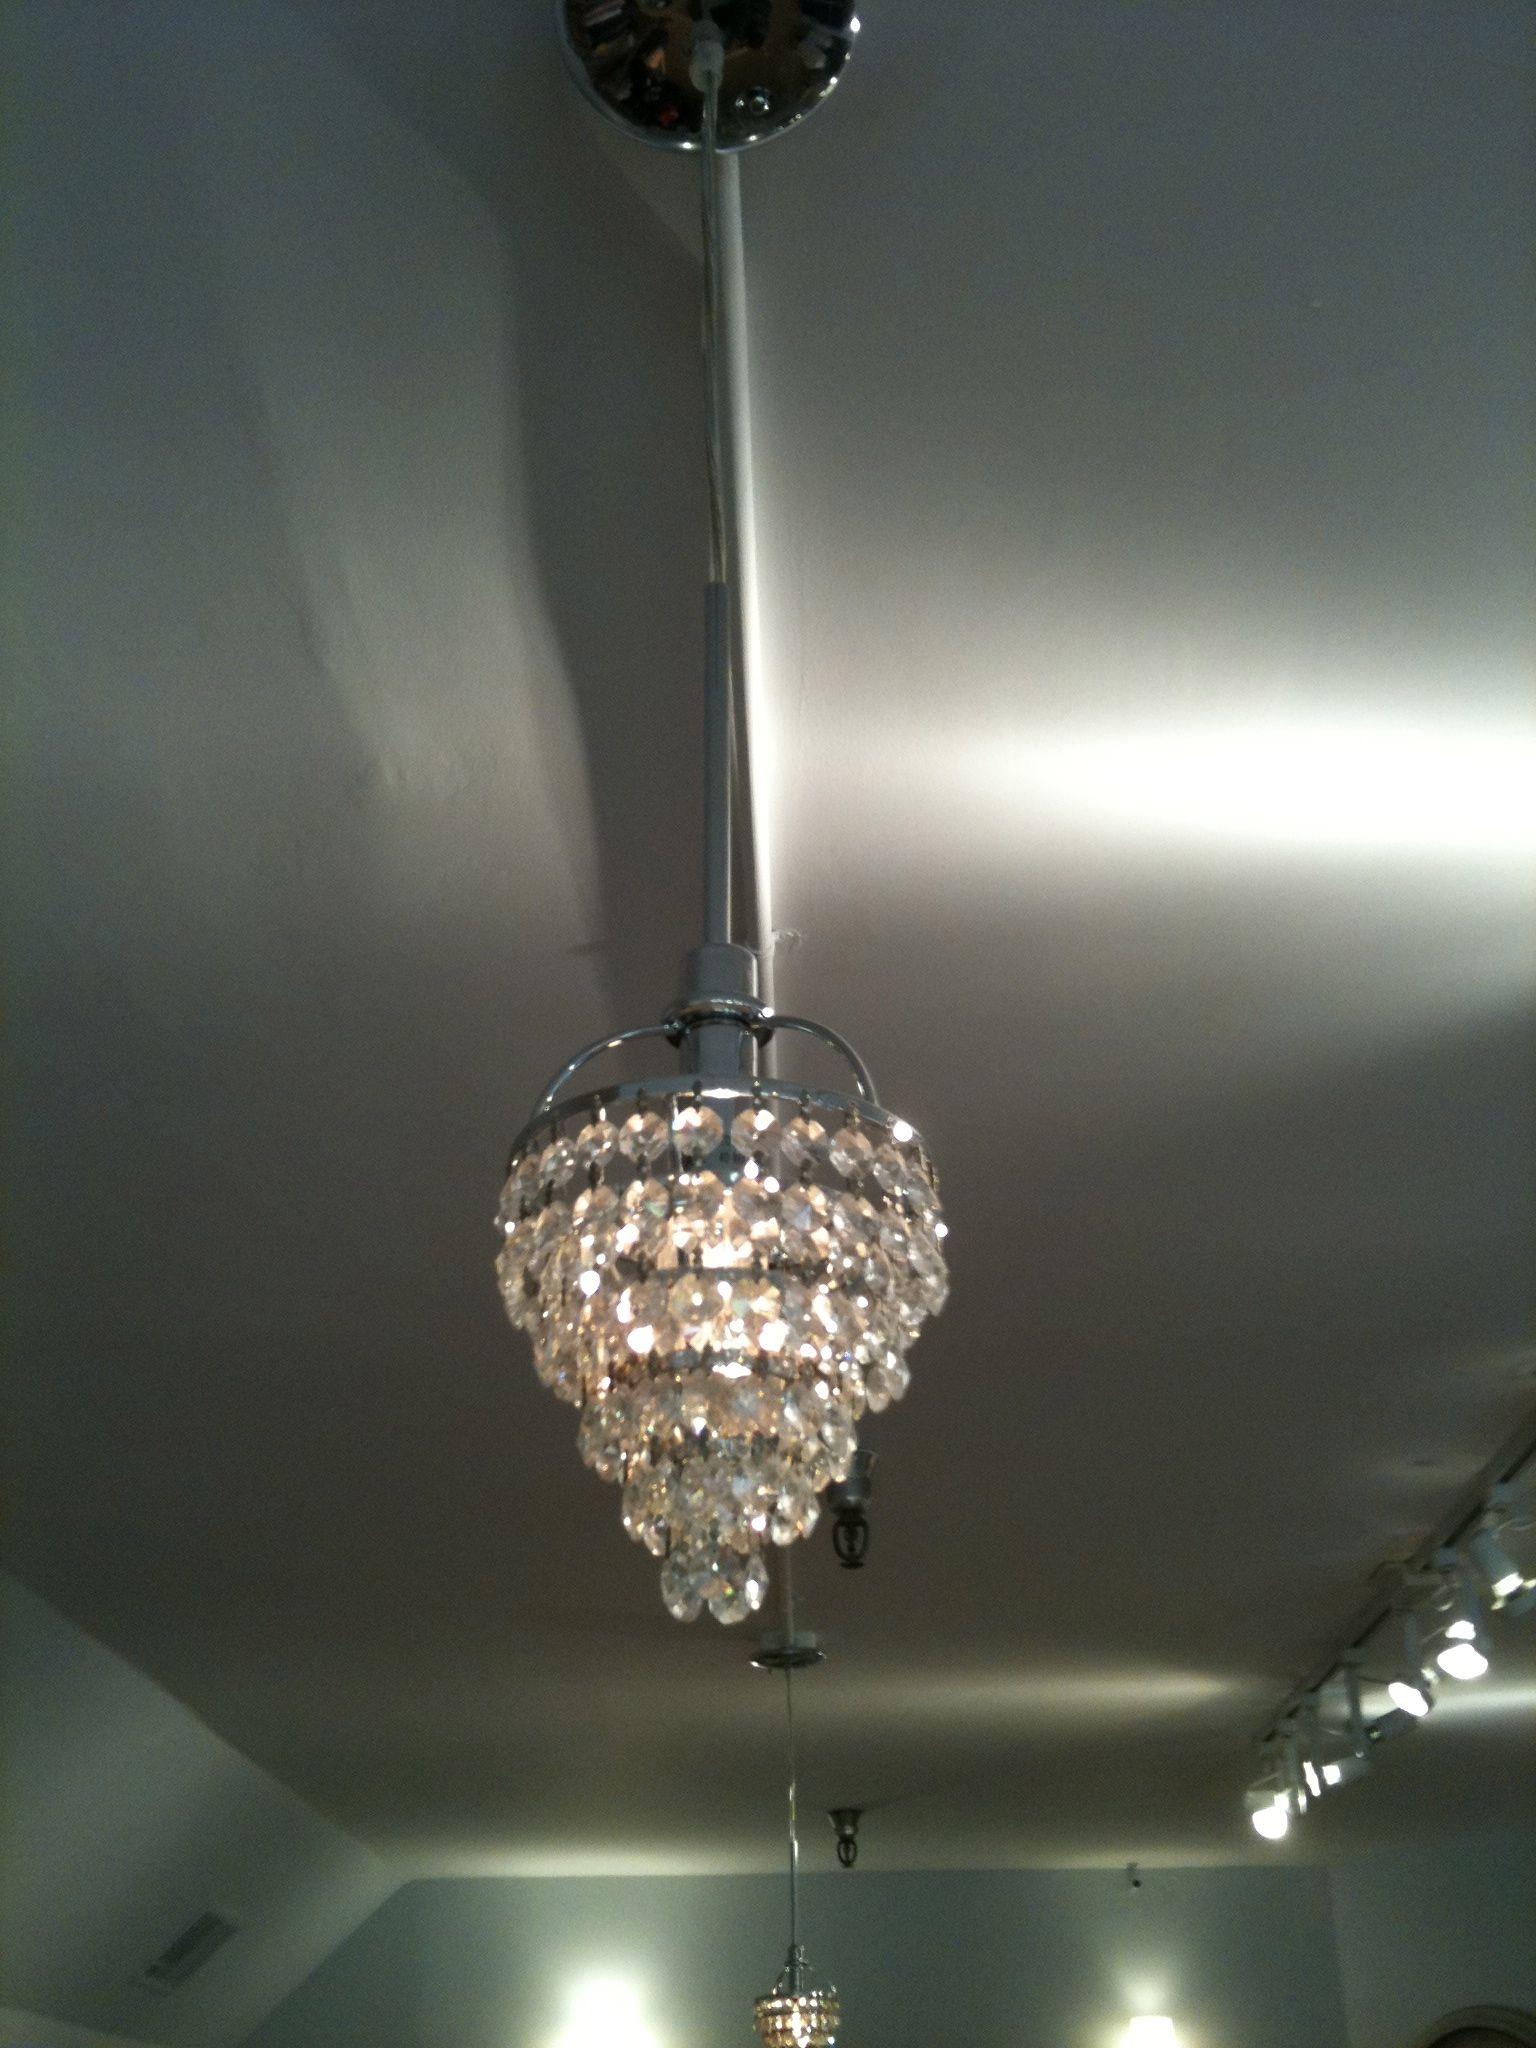 light fixture   Cool lighting, Light fixtures, Ceiling lights